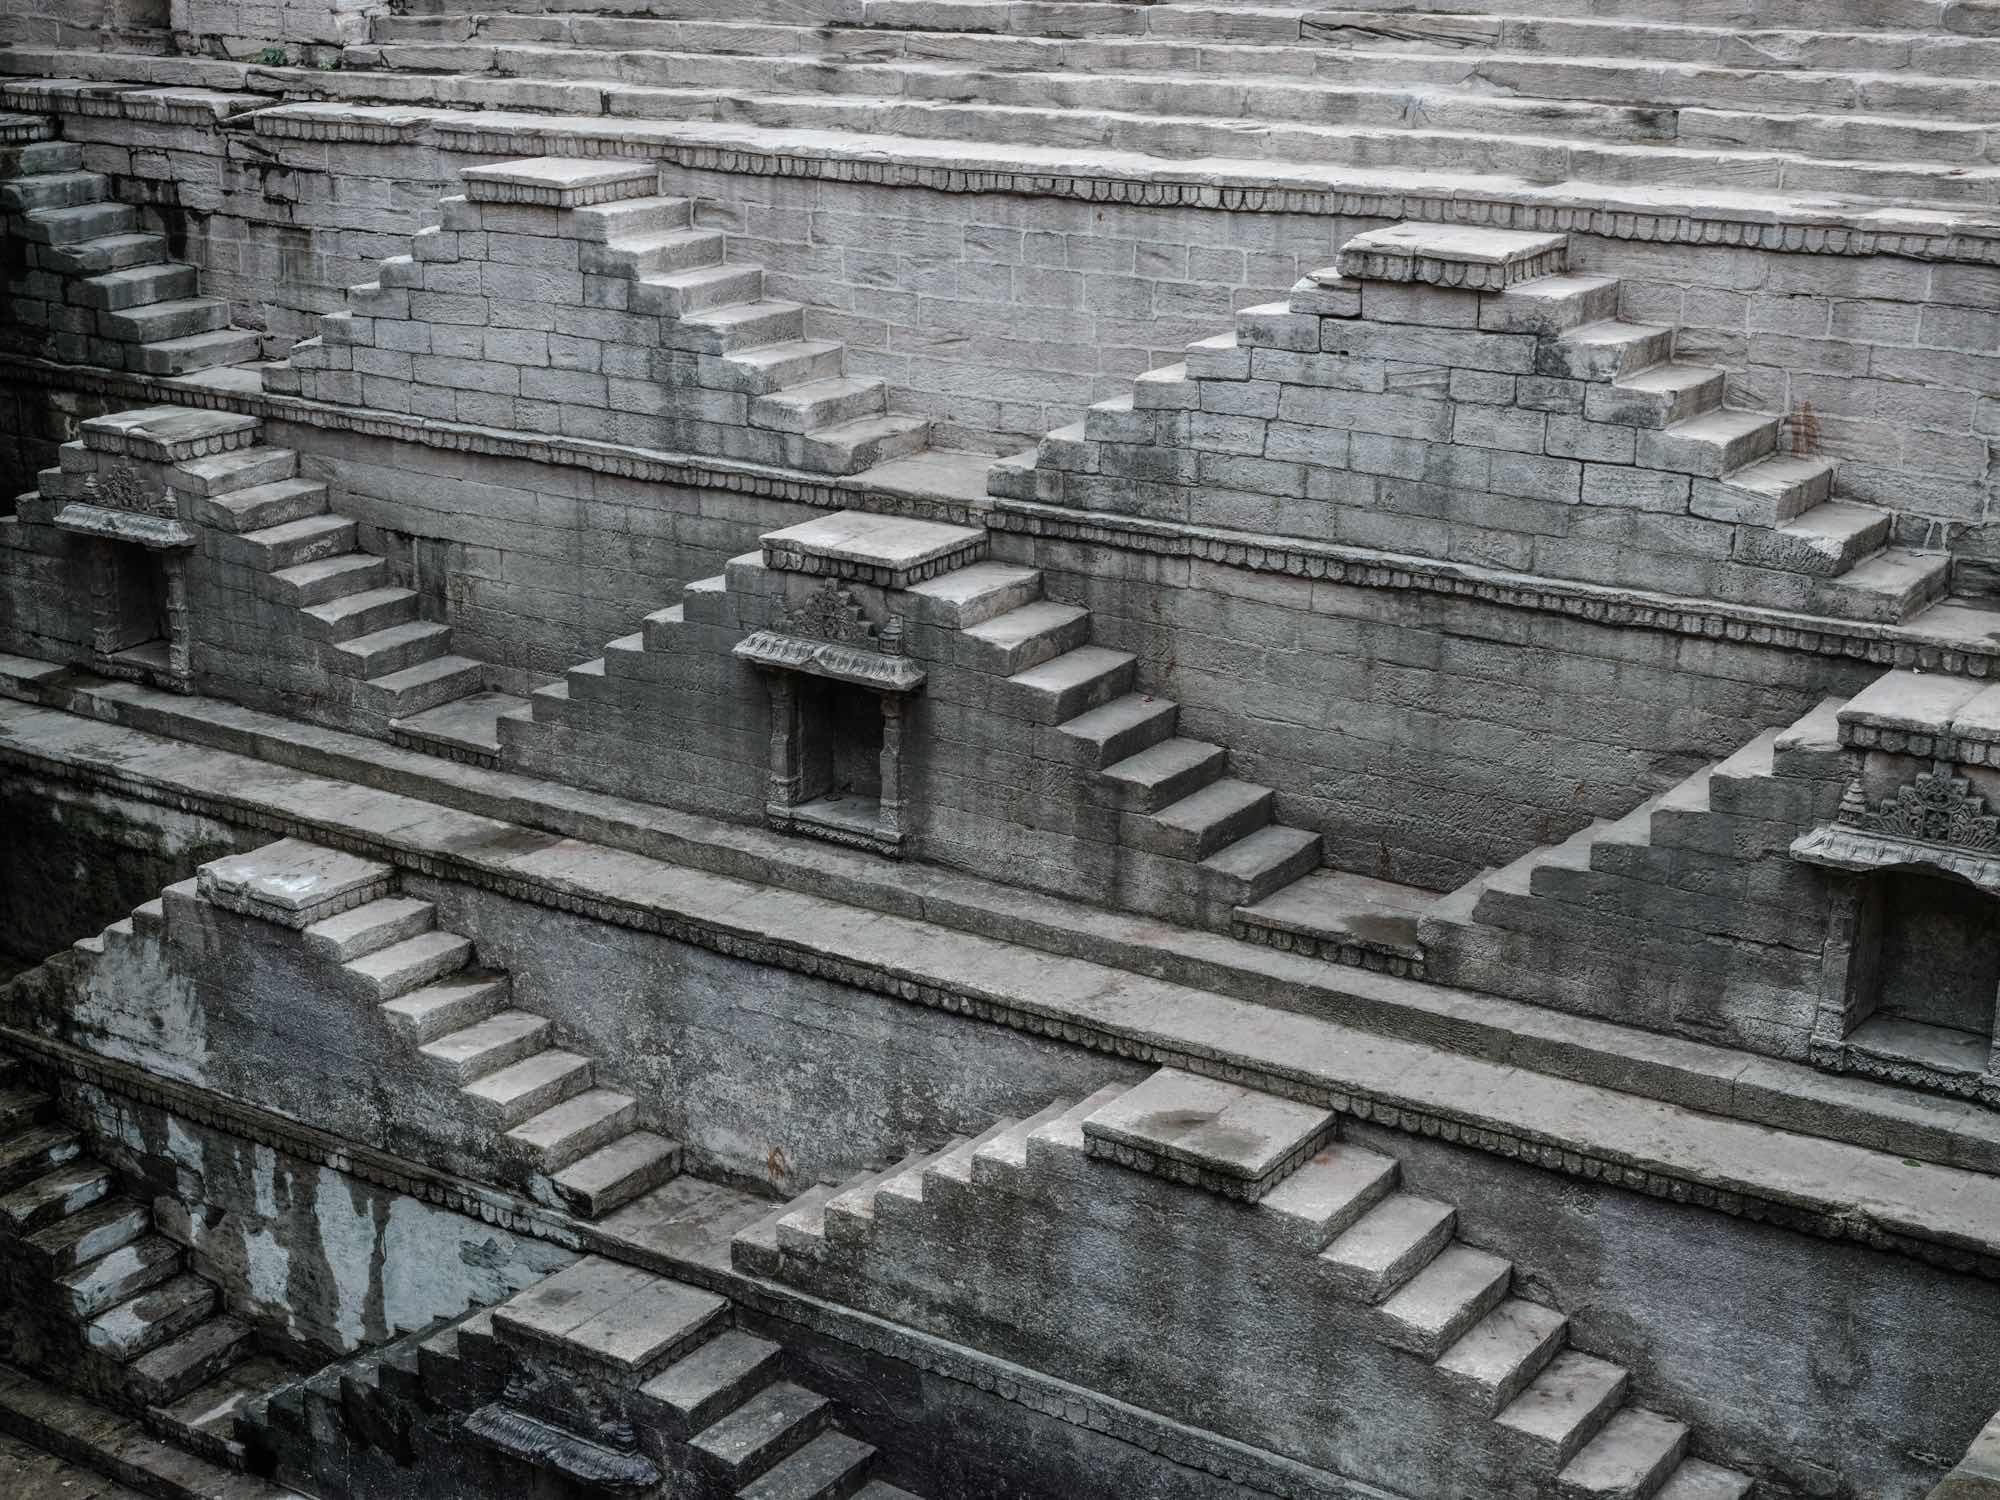 Jodhpur Blue City Travel Documentary Photography India Jose Jeuland 2